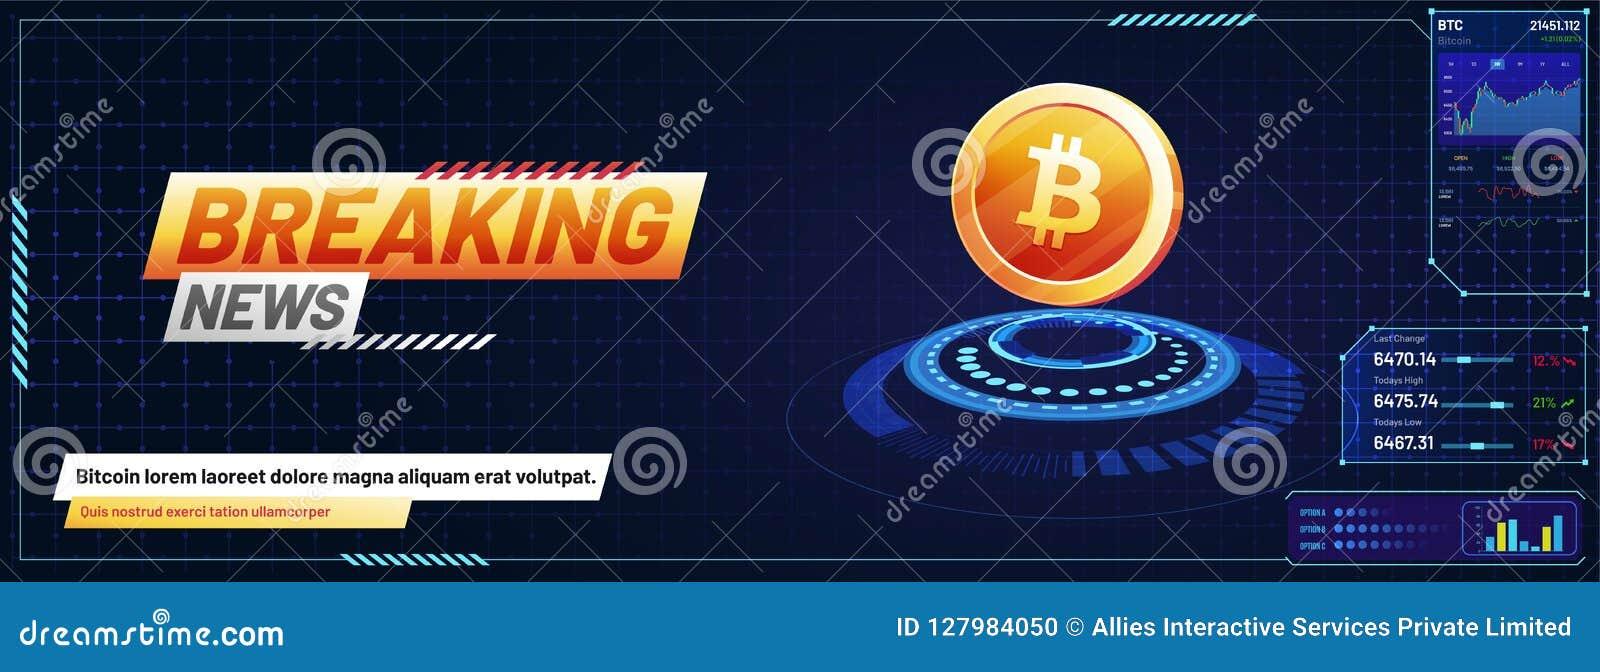 BTCnews - Bitcoin Crypto News az App Store-ban